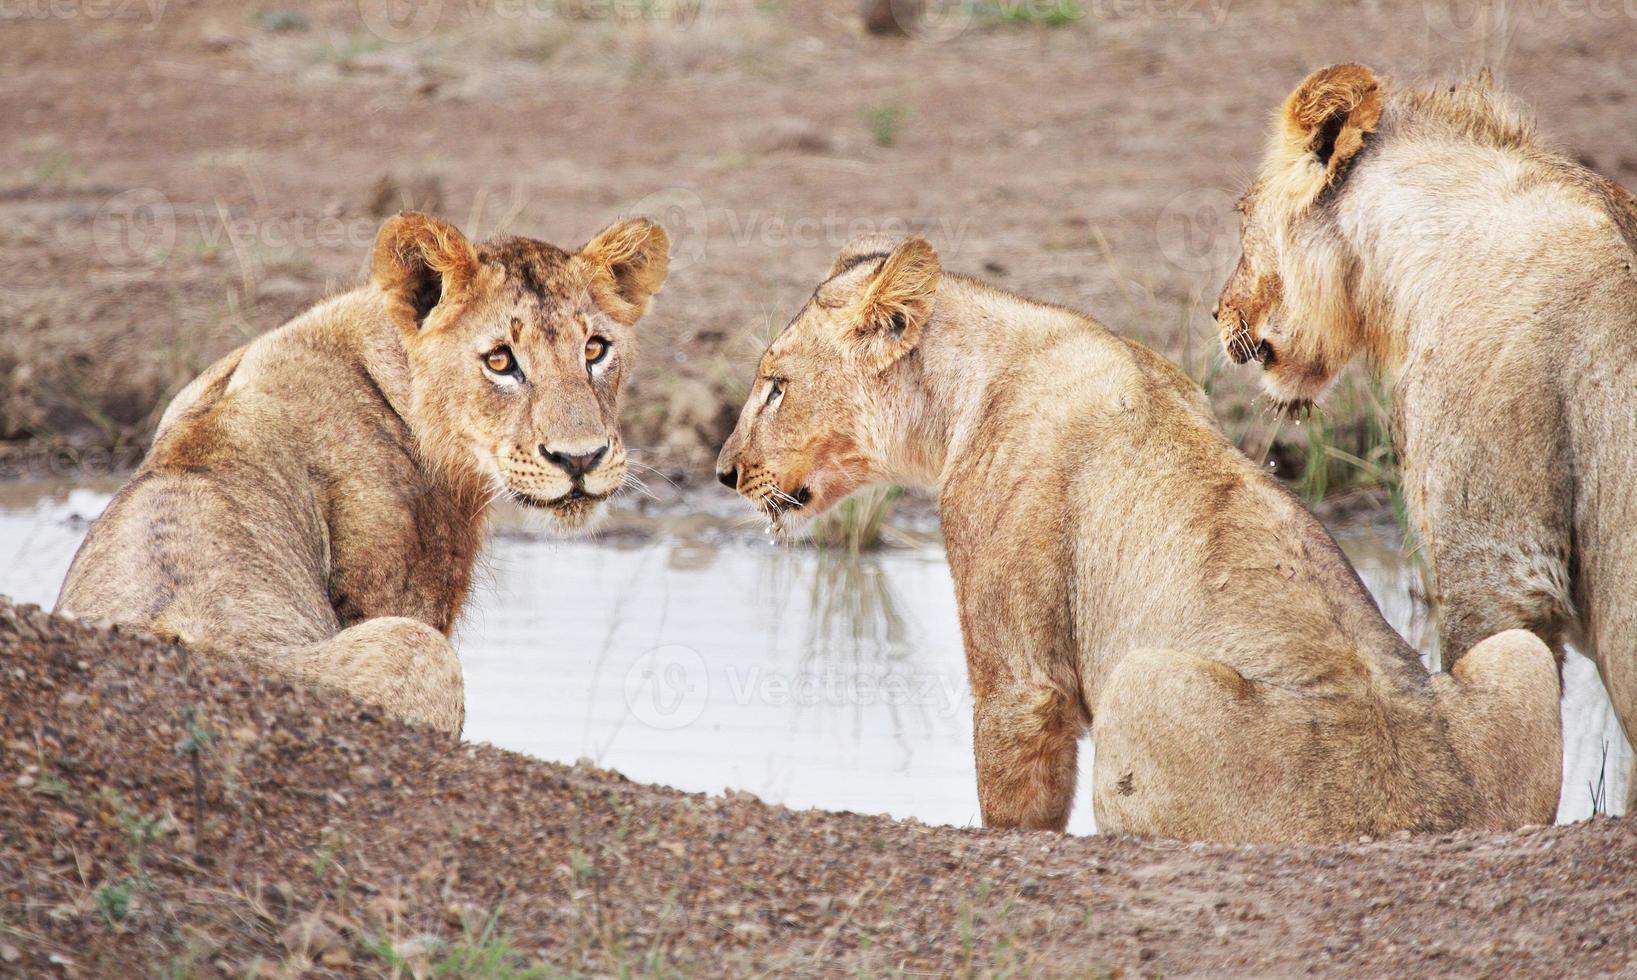 lionne buvant au kenya photo